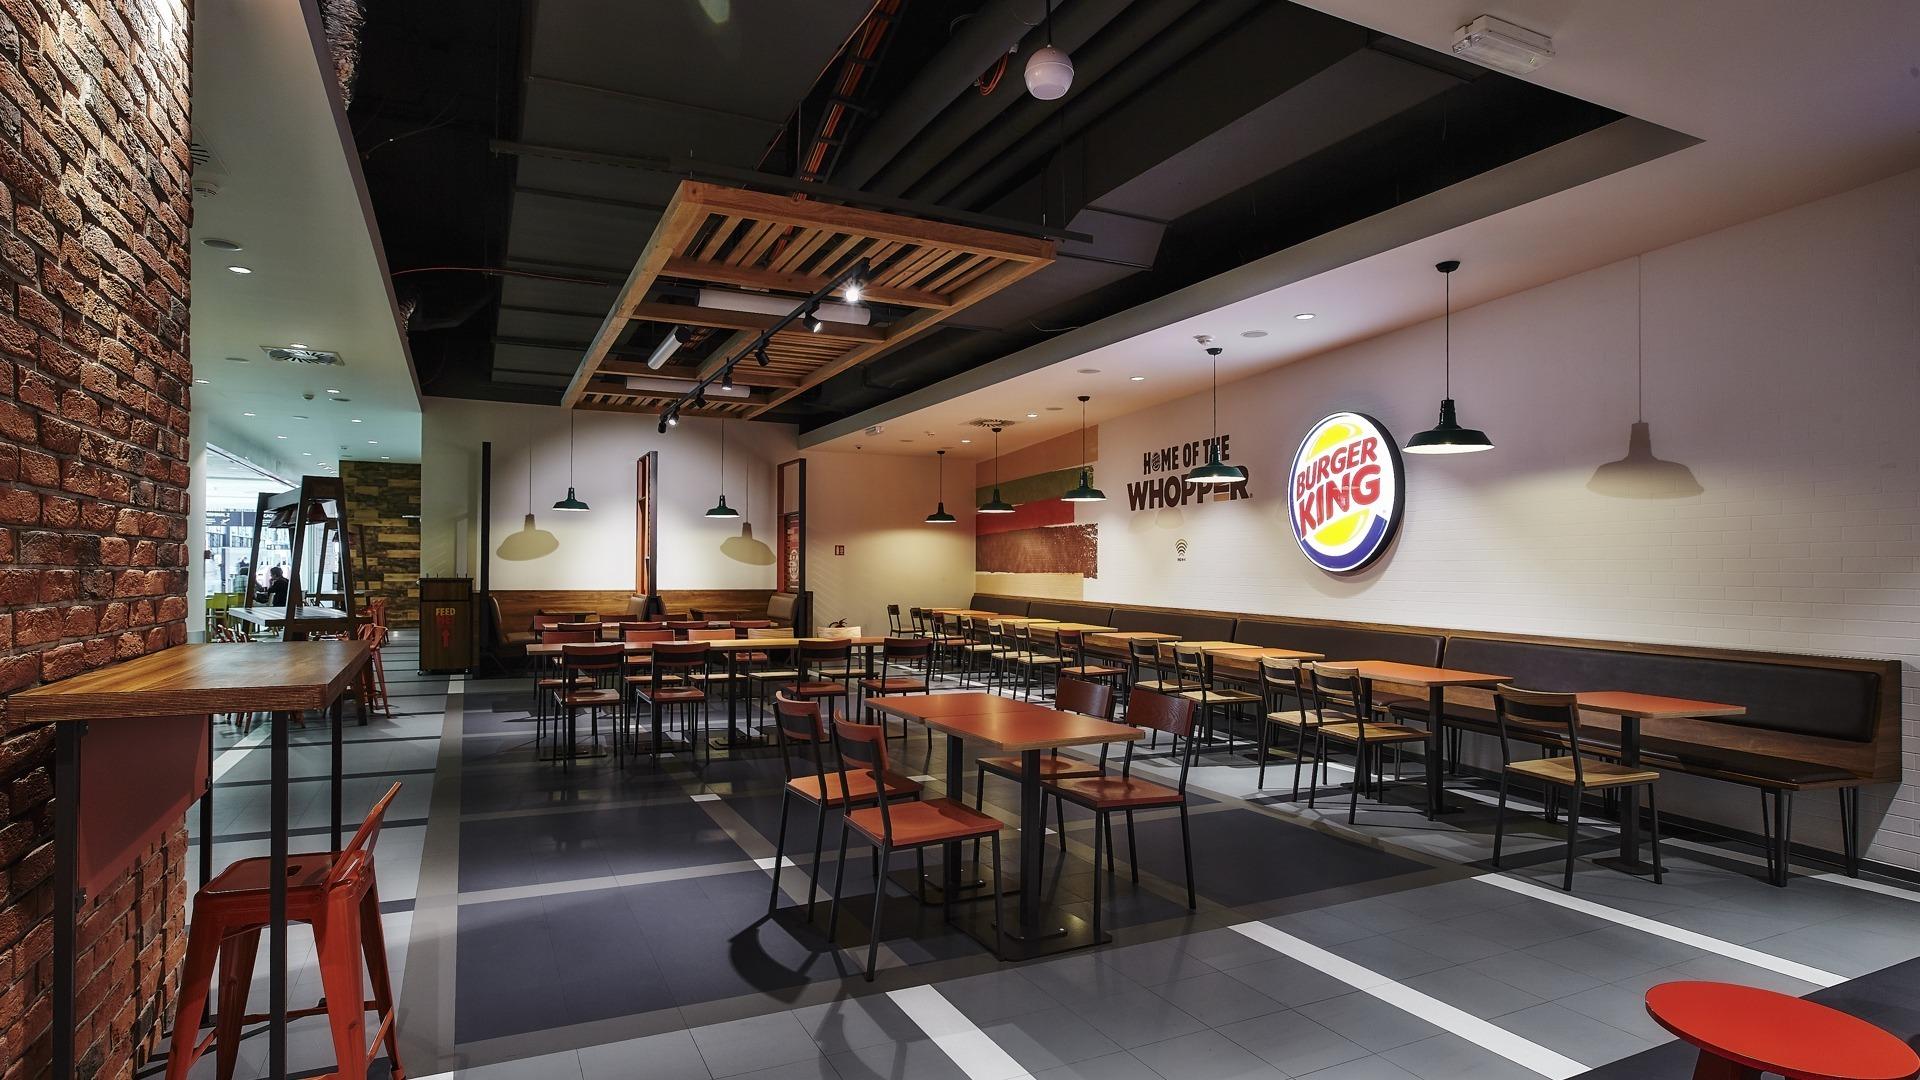 FESCHU Burger King Letiste Praha sezeni